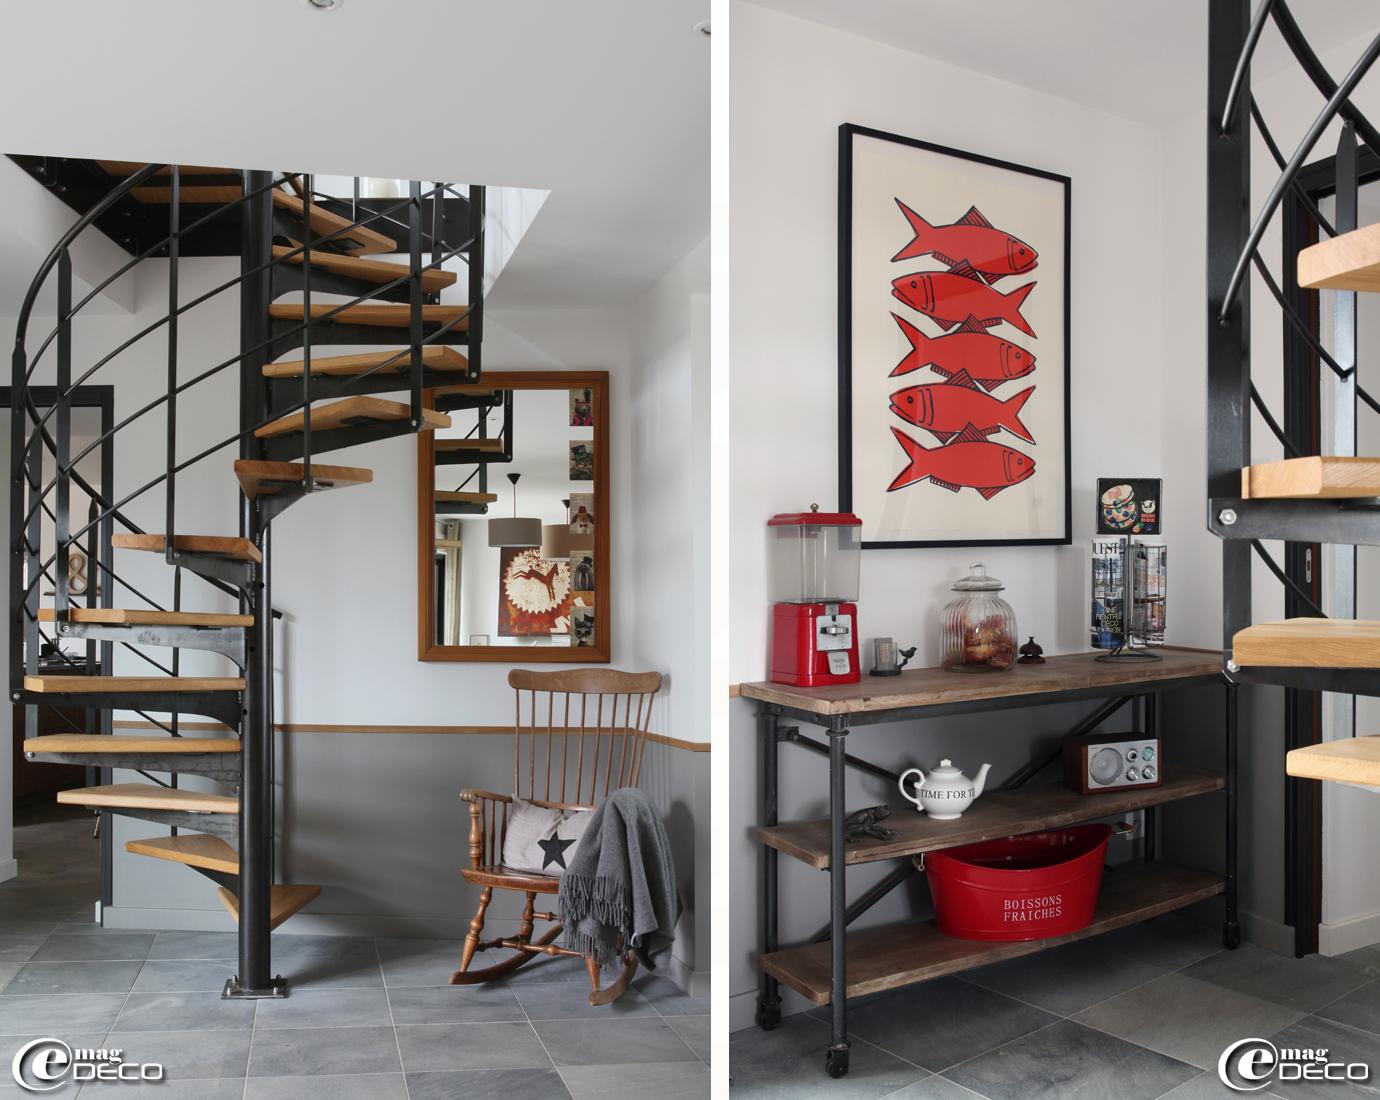 Escalier métallique réalisé par l'entreprise 'Métafer' à Plaintel, console de style factory 'Maisons du Monde', tableau 'Atelier de Valérie Le Roux' à Concarneau